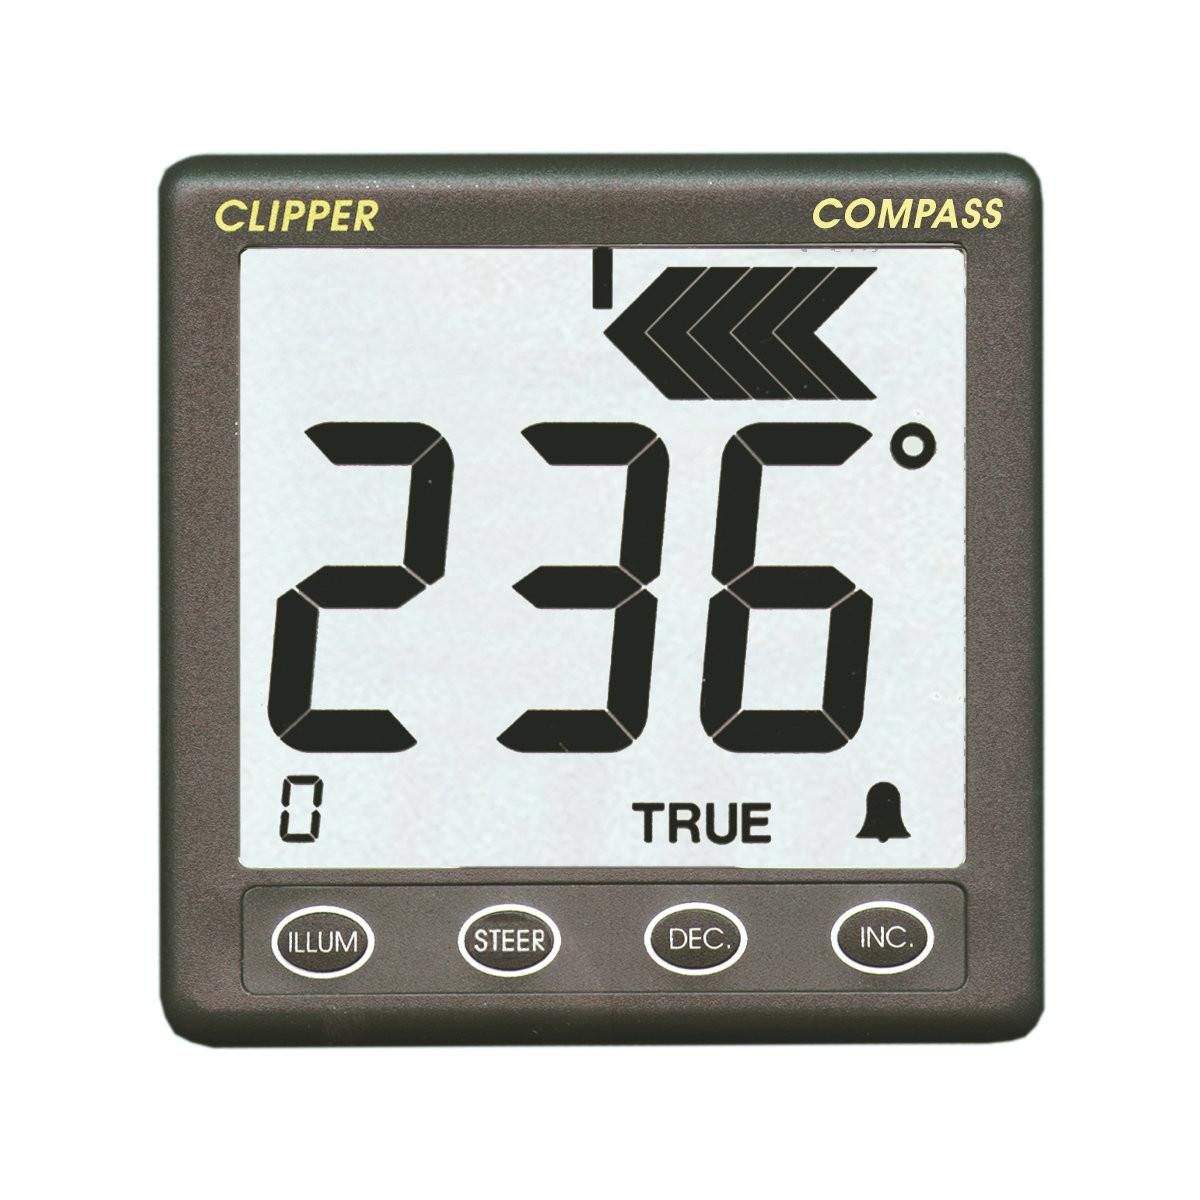 NASA Marine Clipper kompas dochterapparat